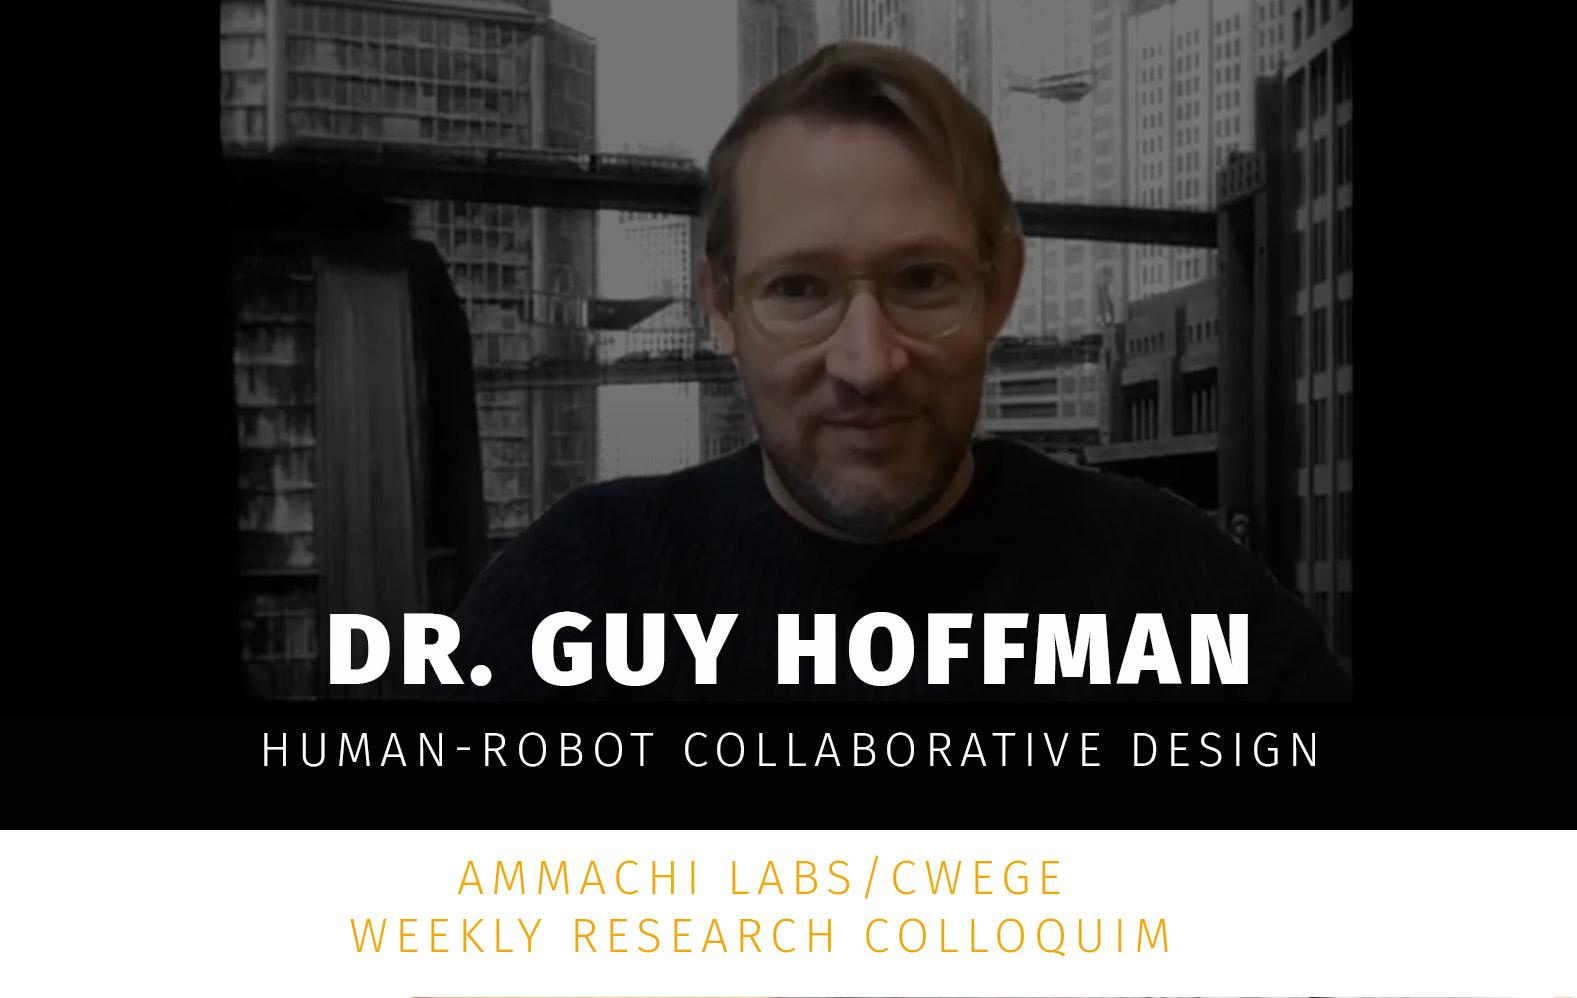 Dr. Guy Hoffman's Colloquium Talk